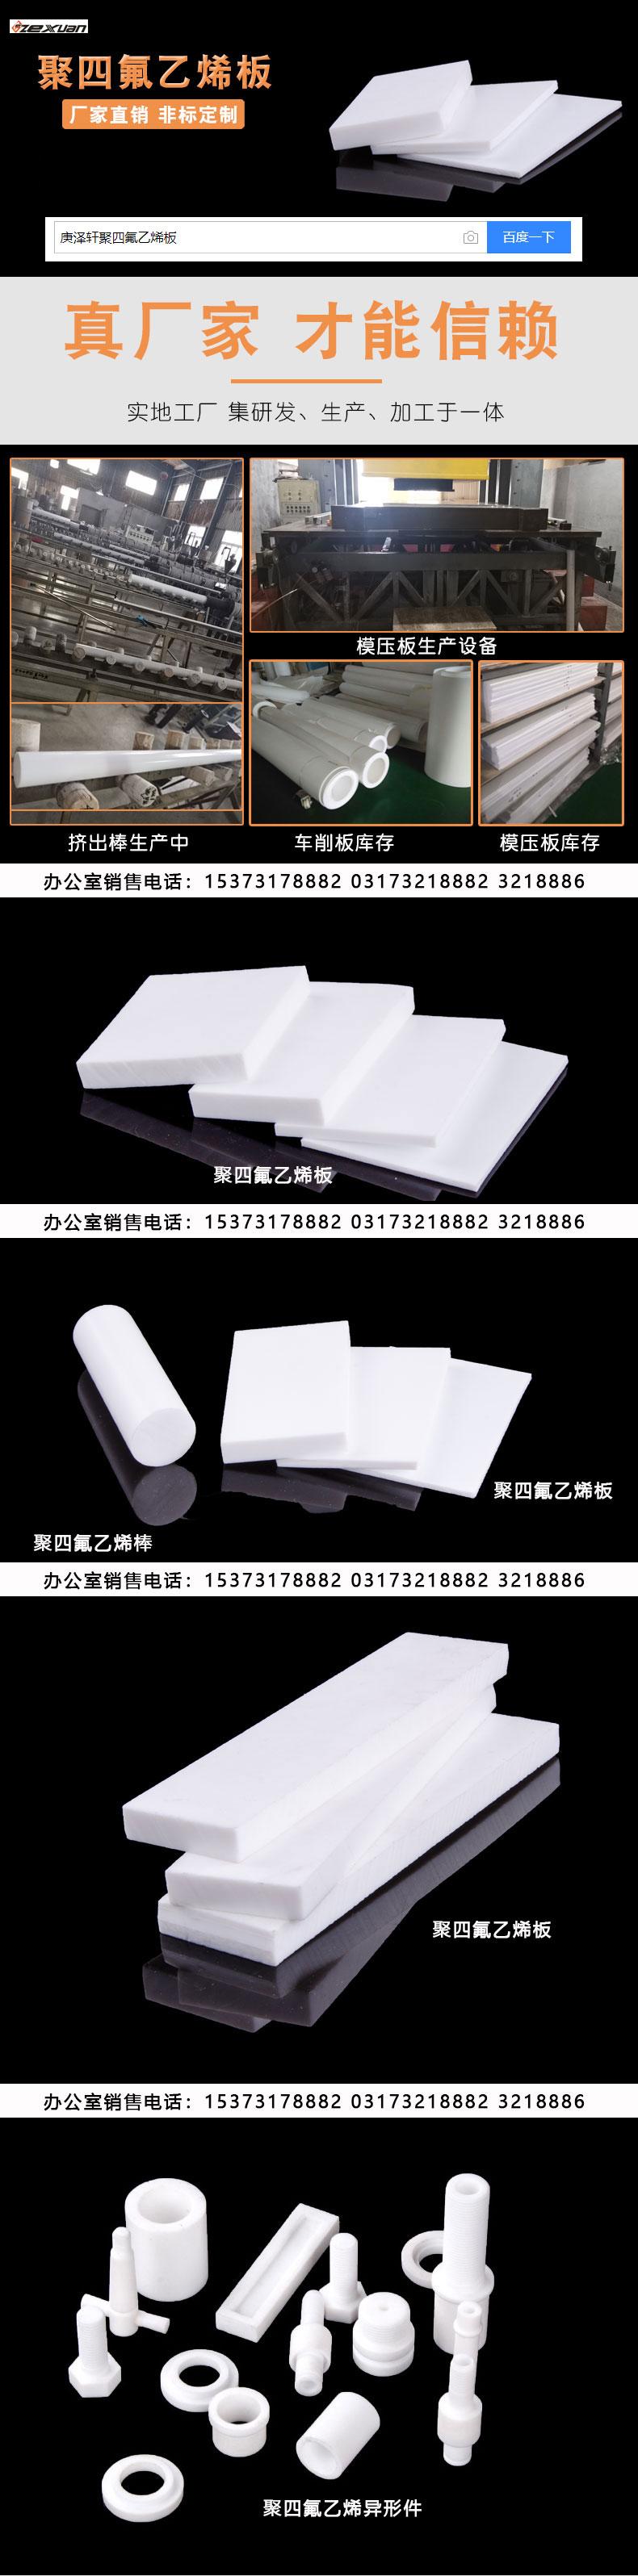 聚四氟乙烯板批发,聚四氟乙烯板生产厂家